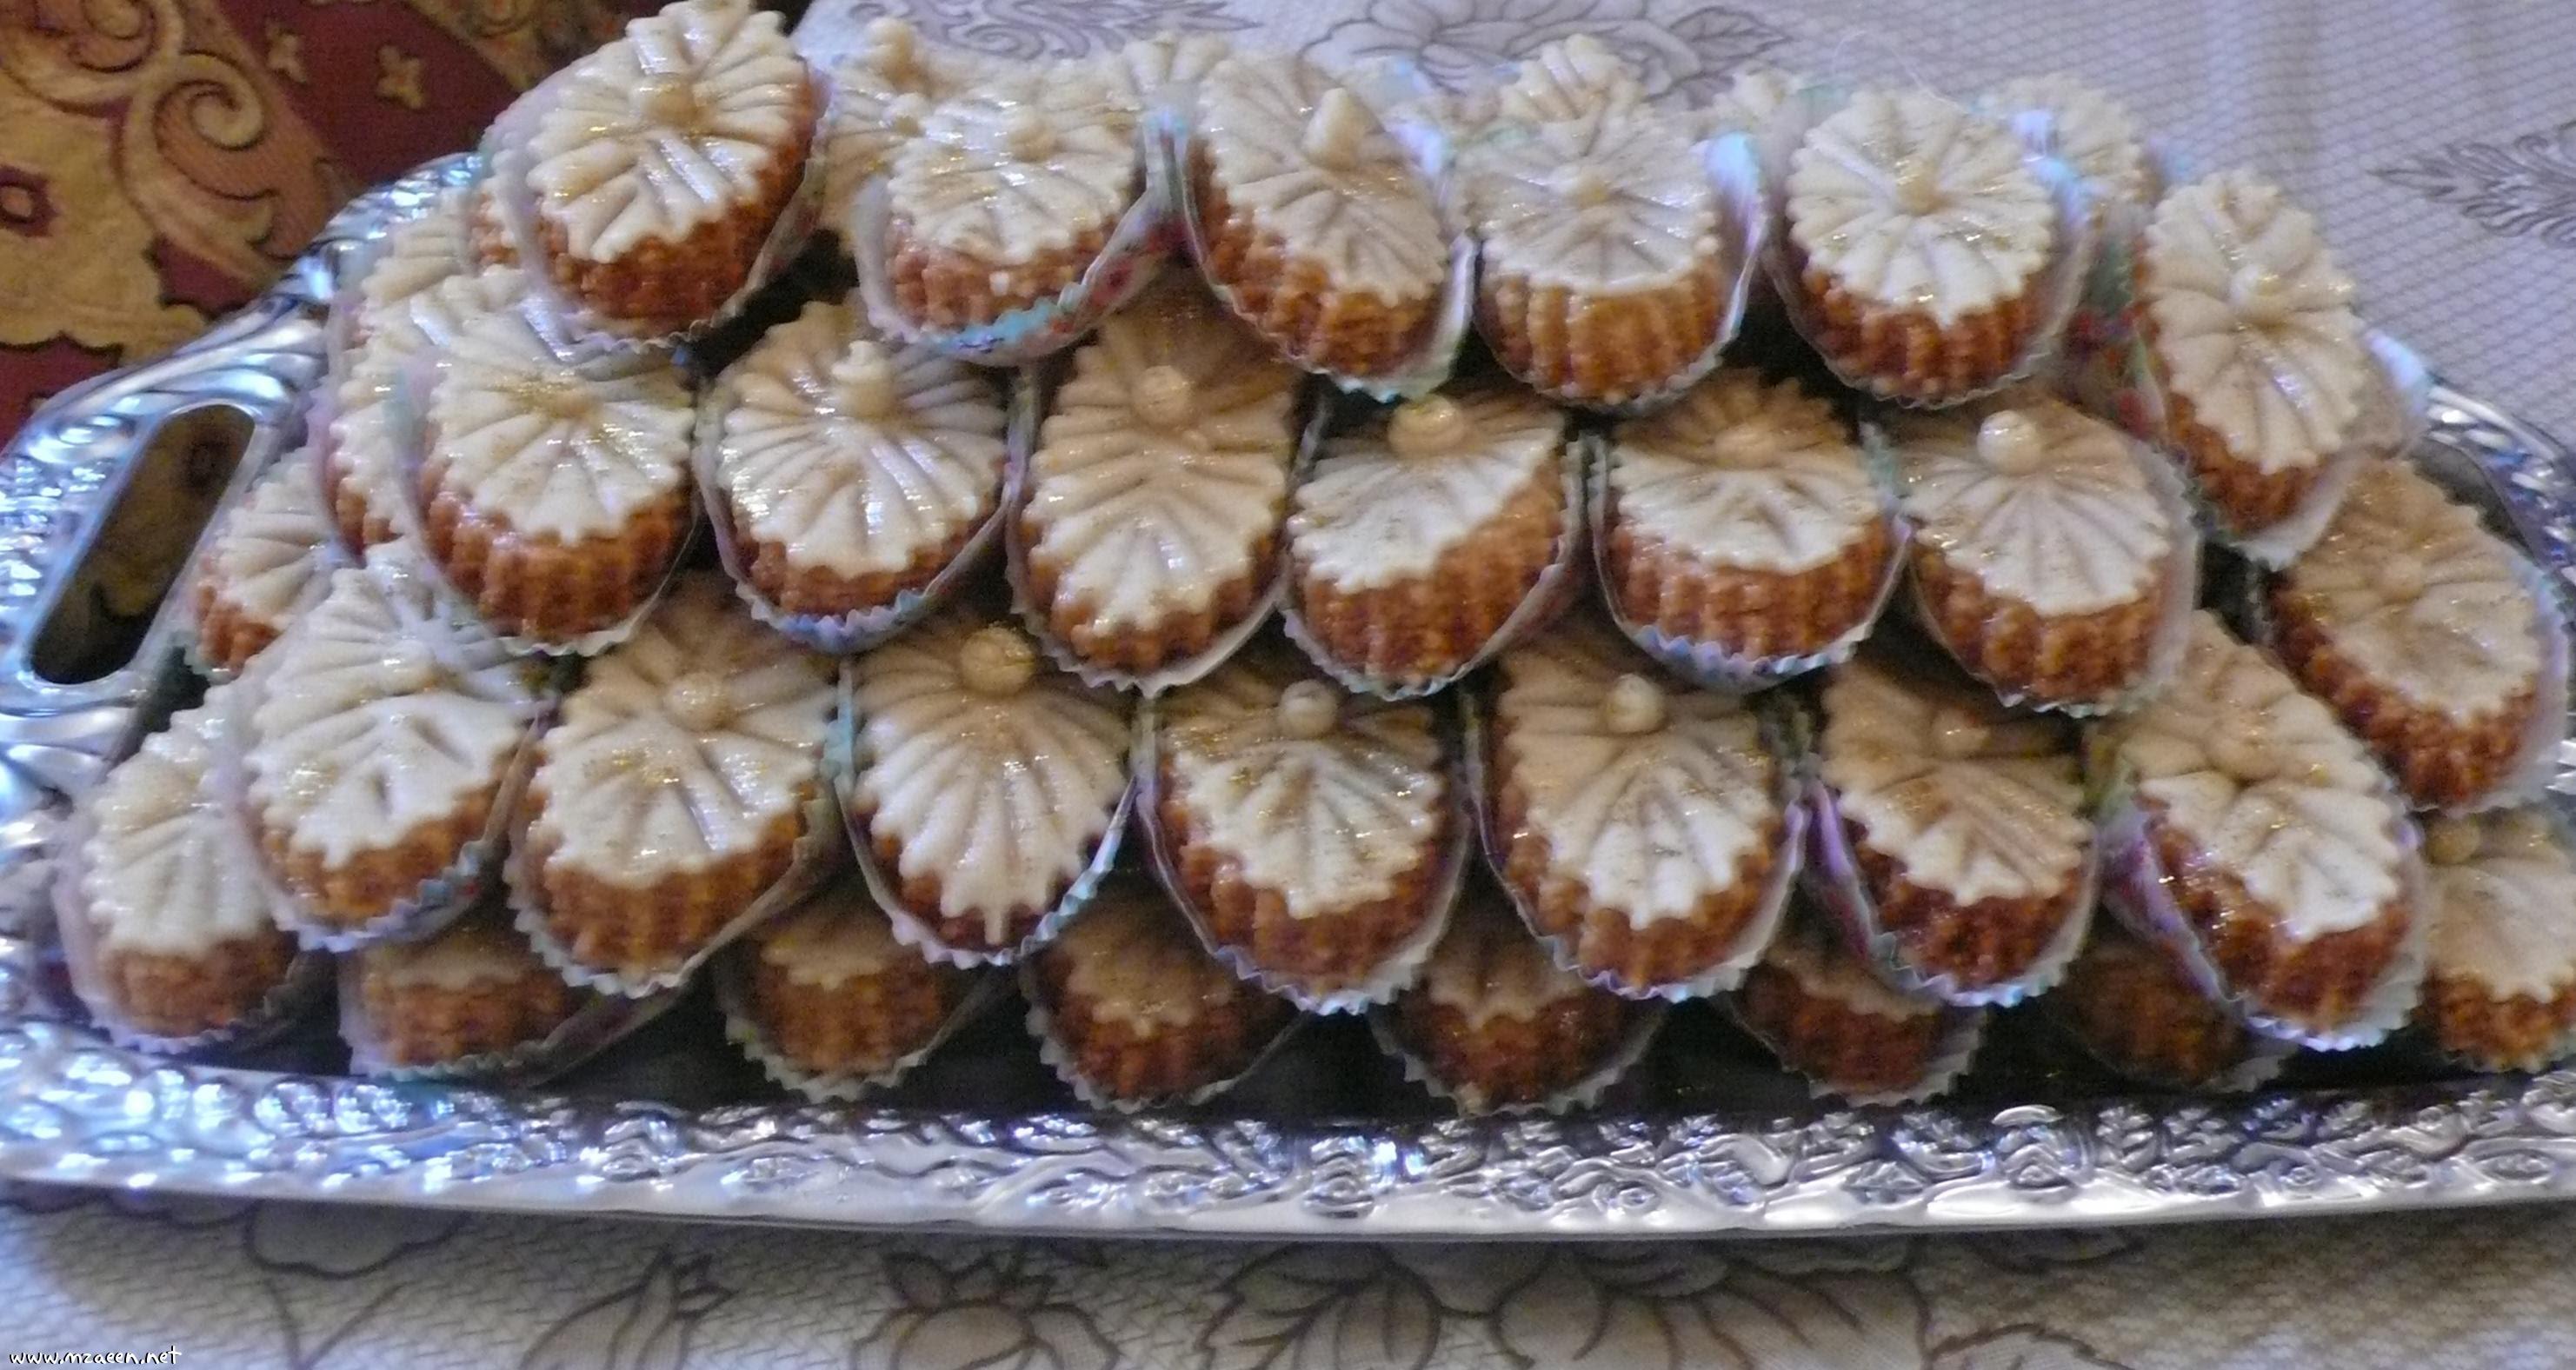 بالصور حلويات جزائرية بسيطة بالصور , شاهد بالصور اروع الحلويات الجزائرية 2041 5